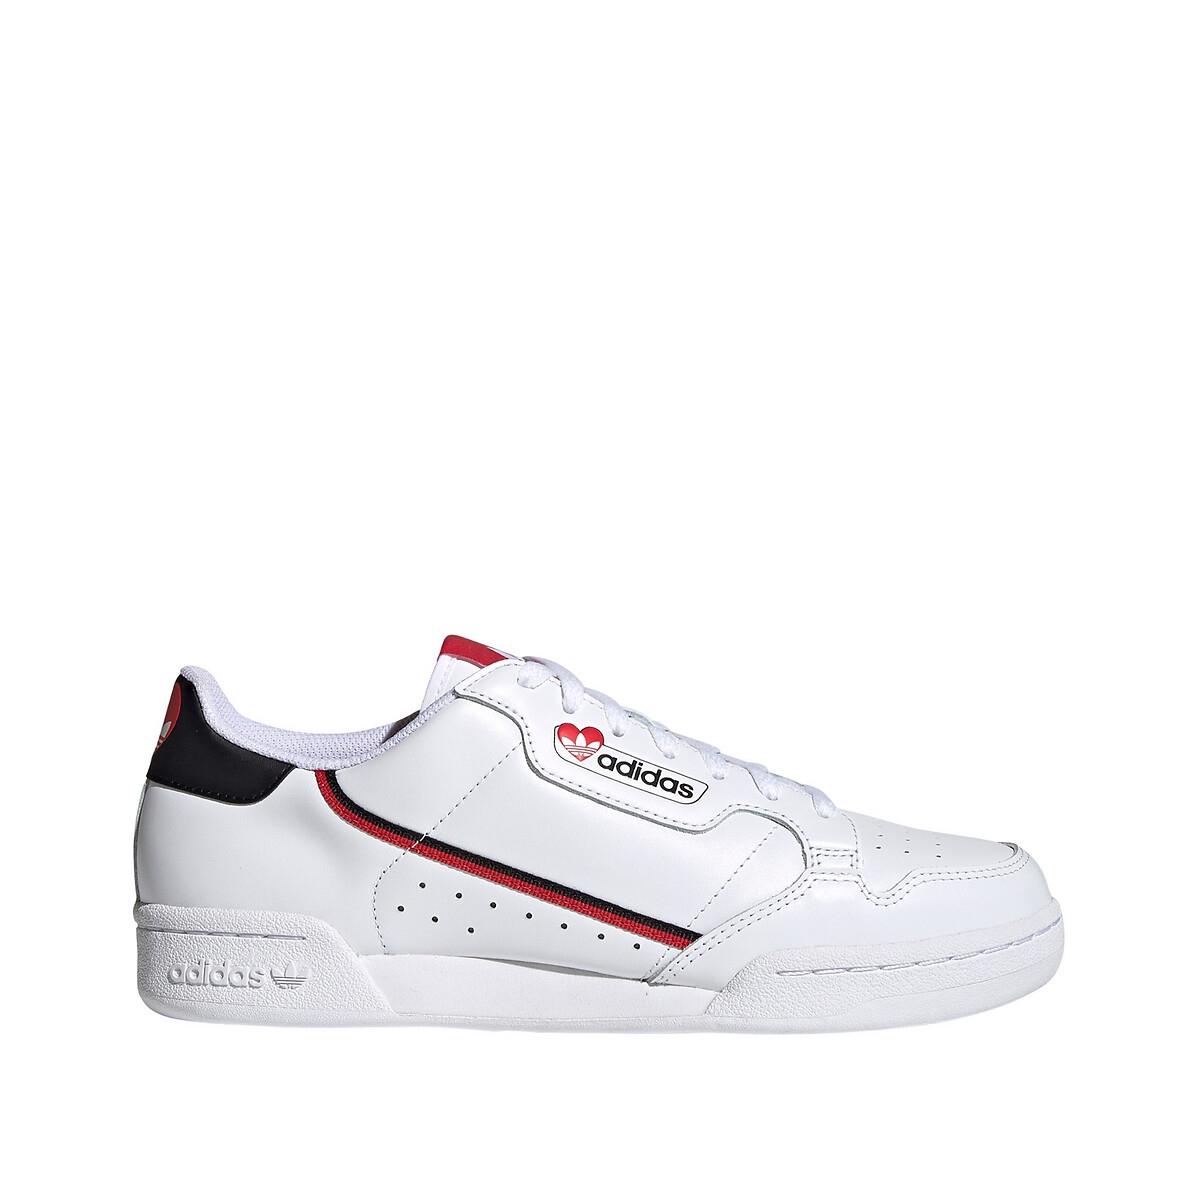 Adidas Originals Sapatilhas Continental 80